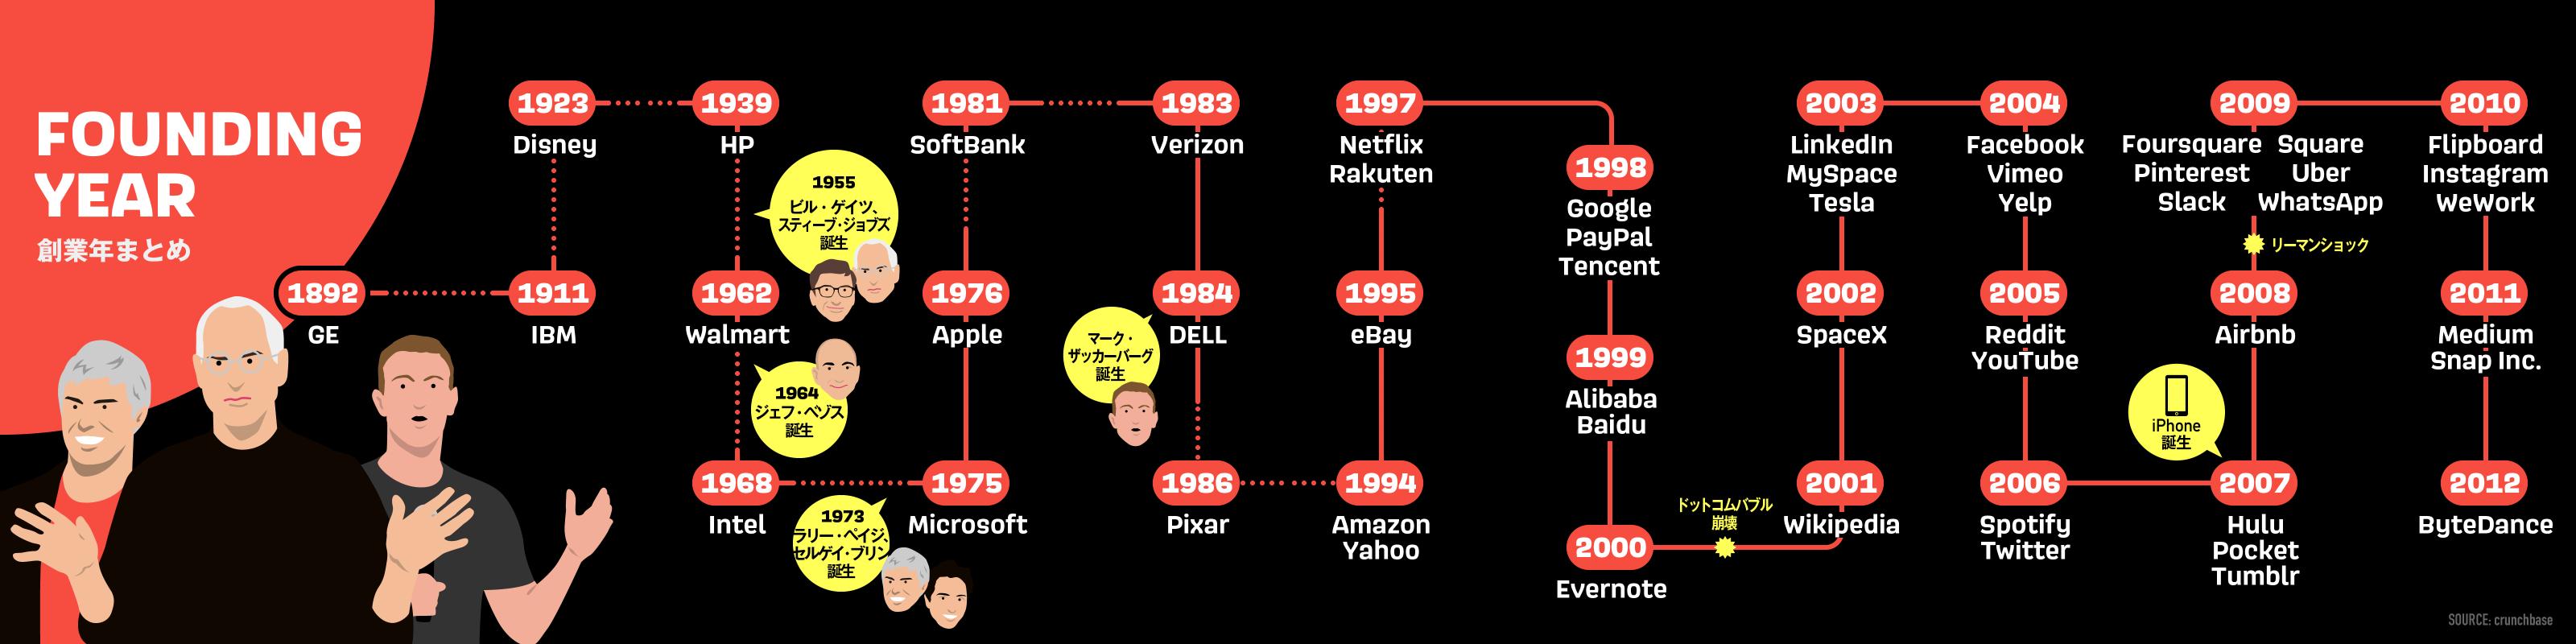 テック企業創業年比較